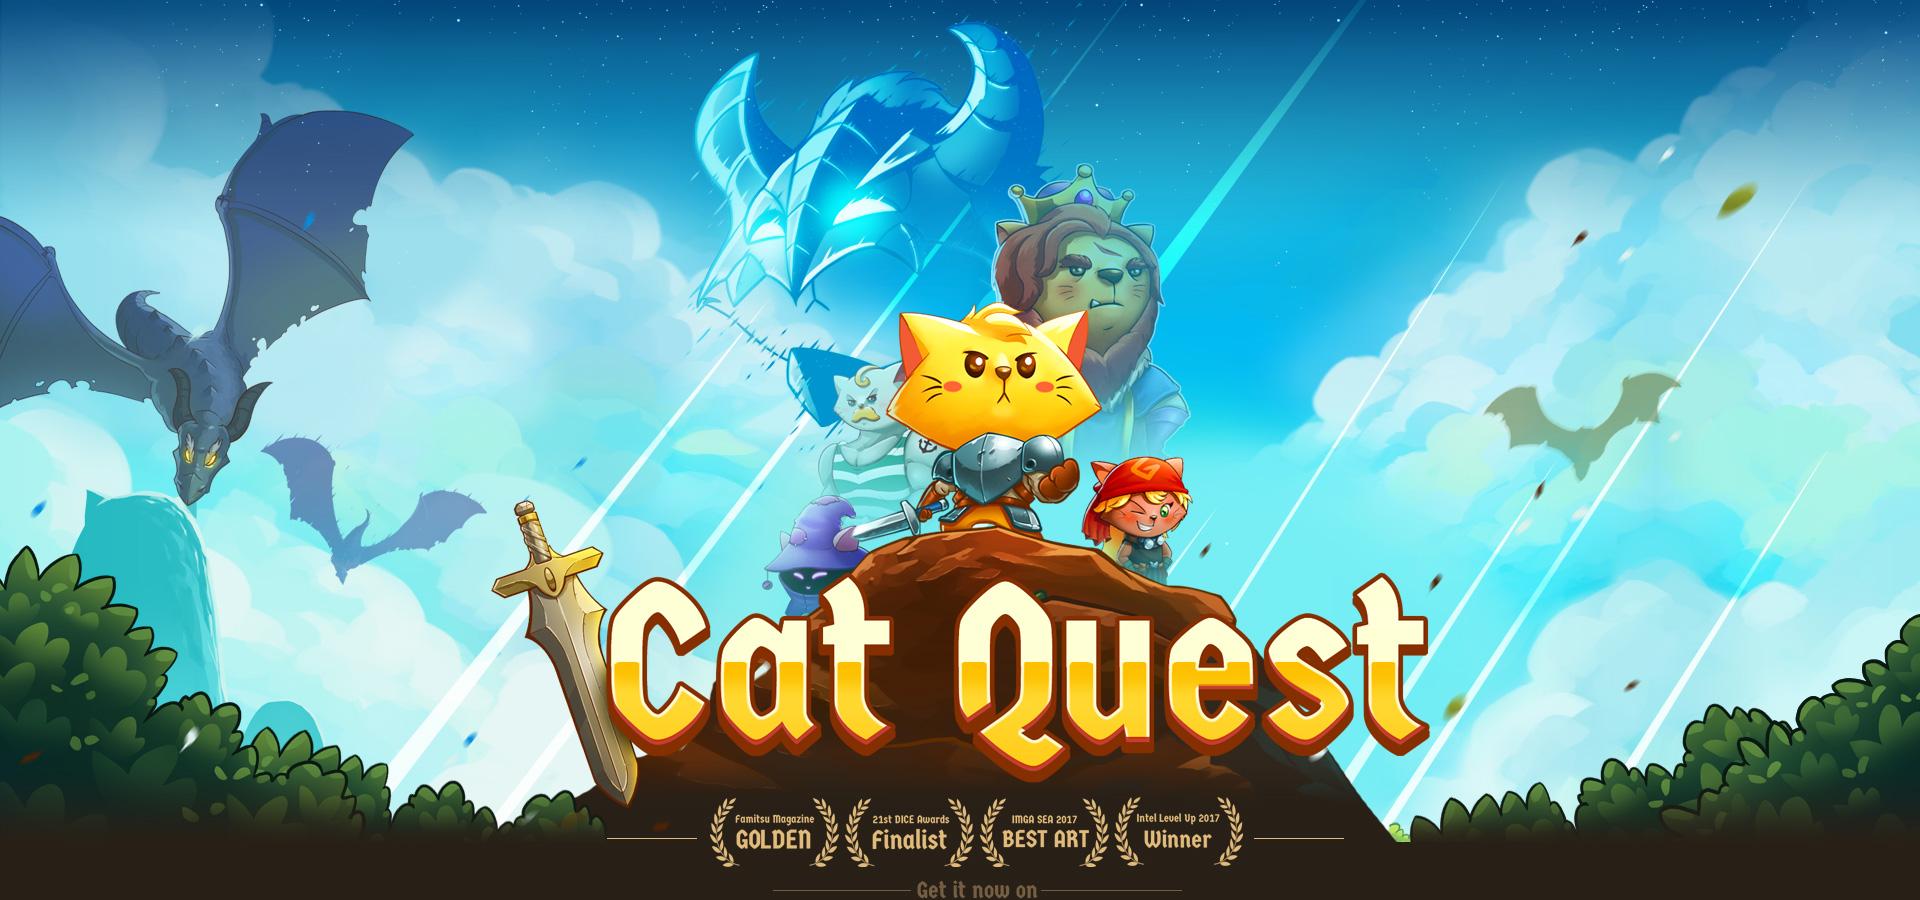 Cat Quest game